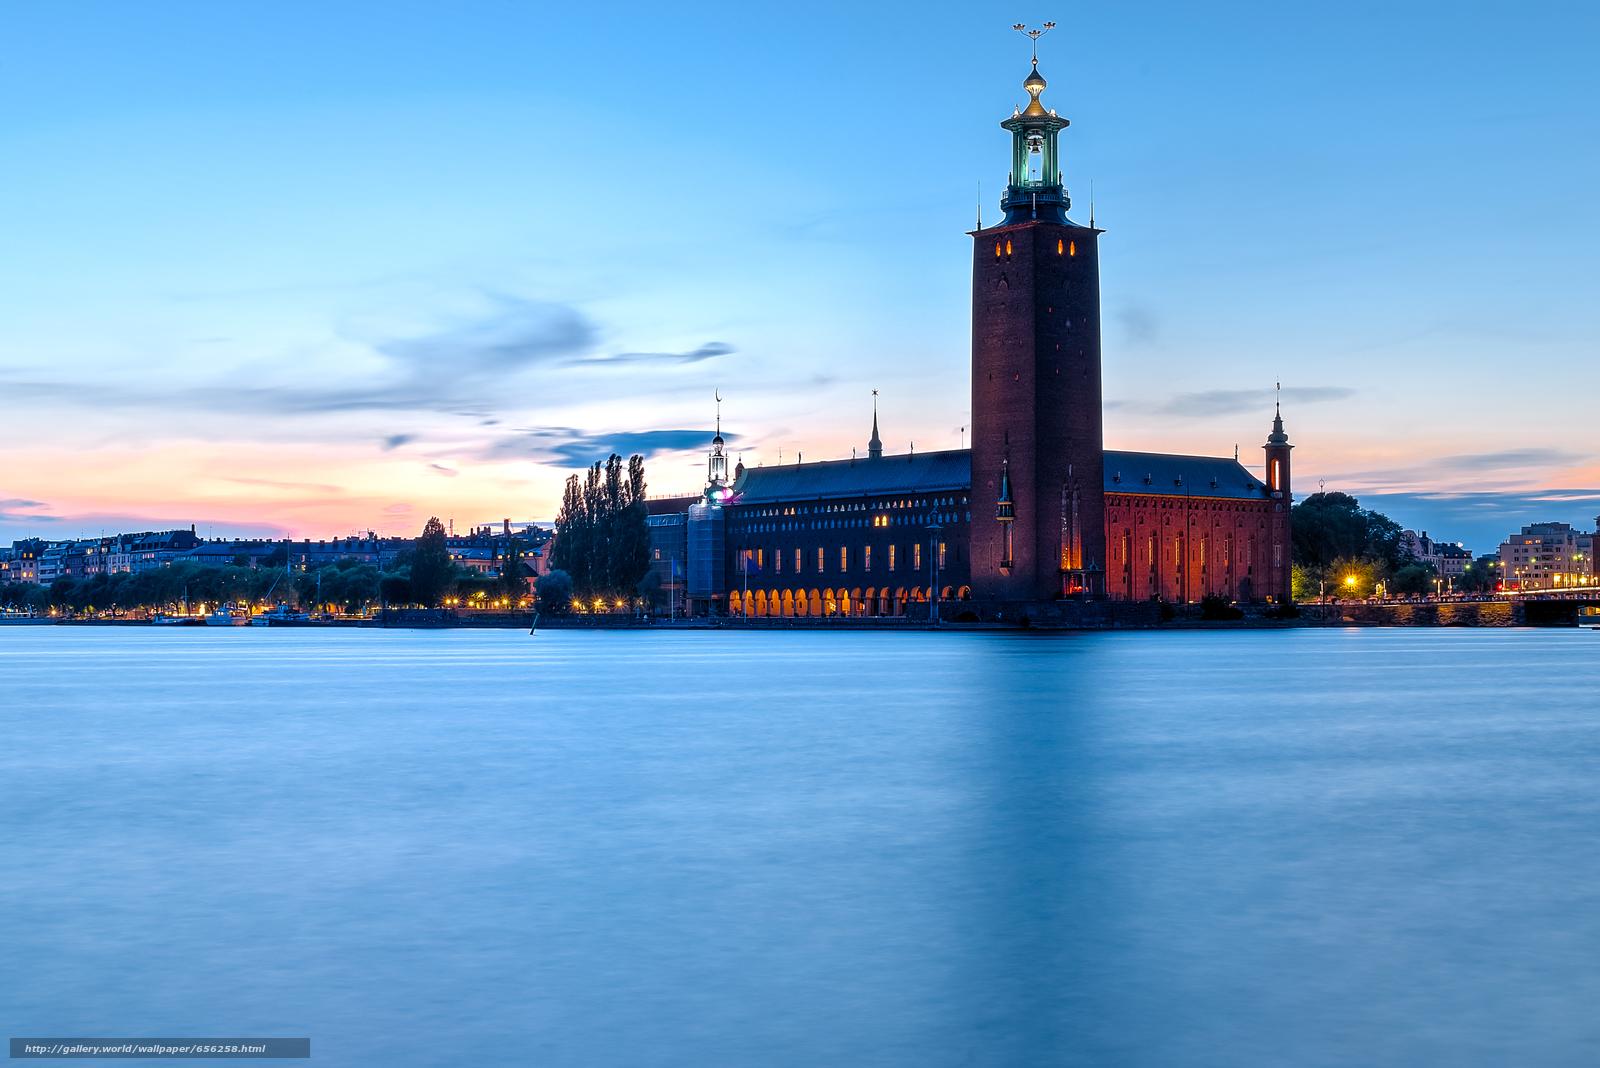 壁紙をダウンロード ストックホルム,  スウェーデン,  都市 デスクトップの解像度のための無料壁紙 6016x4016 — 絵 №656258